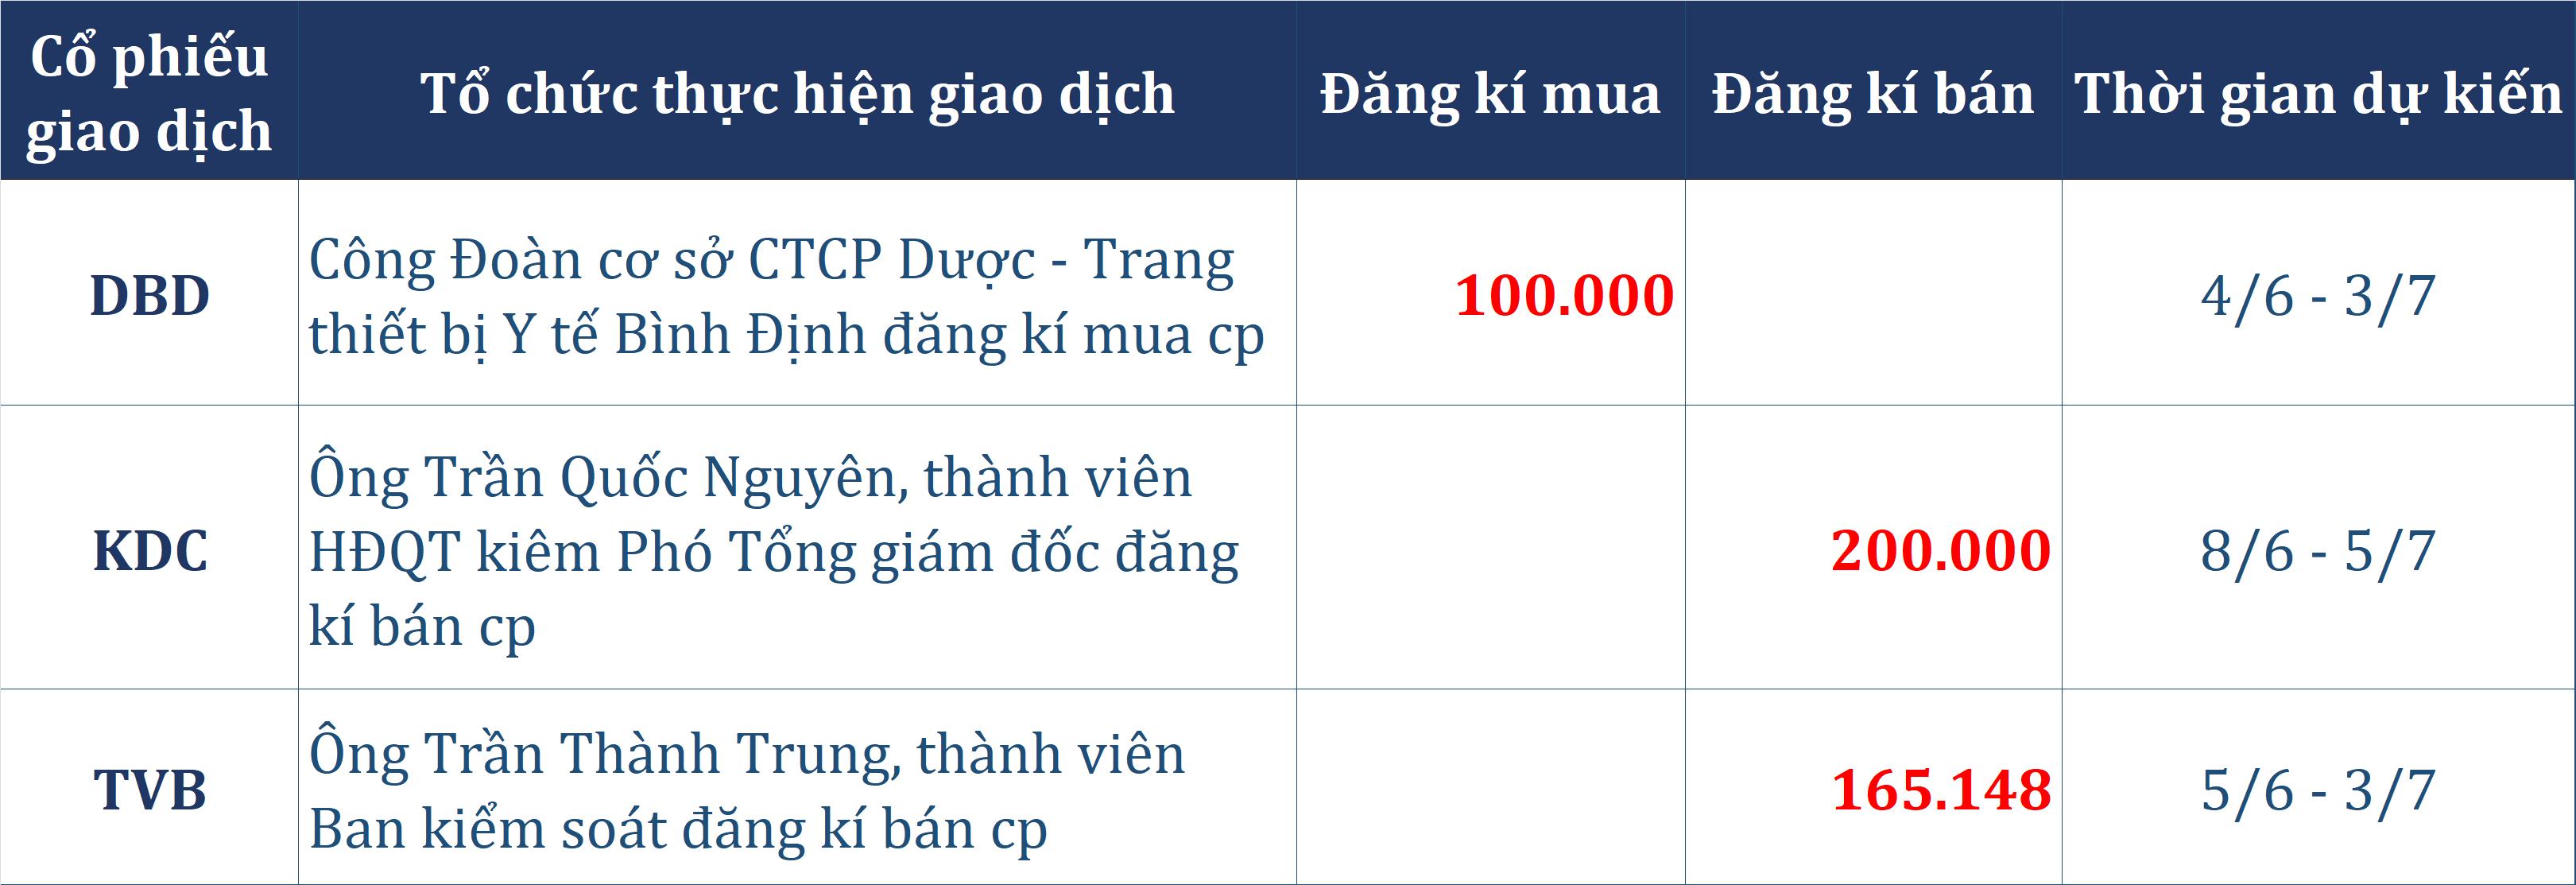 Tự doanh CTCK mở rộng đà mua ròng, cùng khối ngoại gom gần 200 tỉ đồng phiên giảm điểm - Ảnh 5.